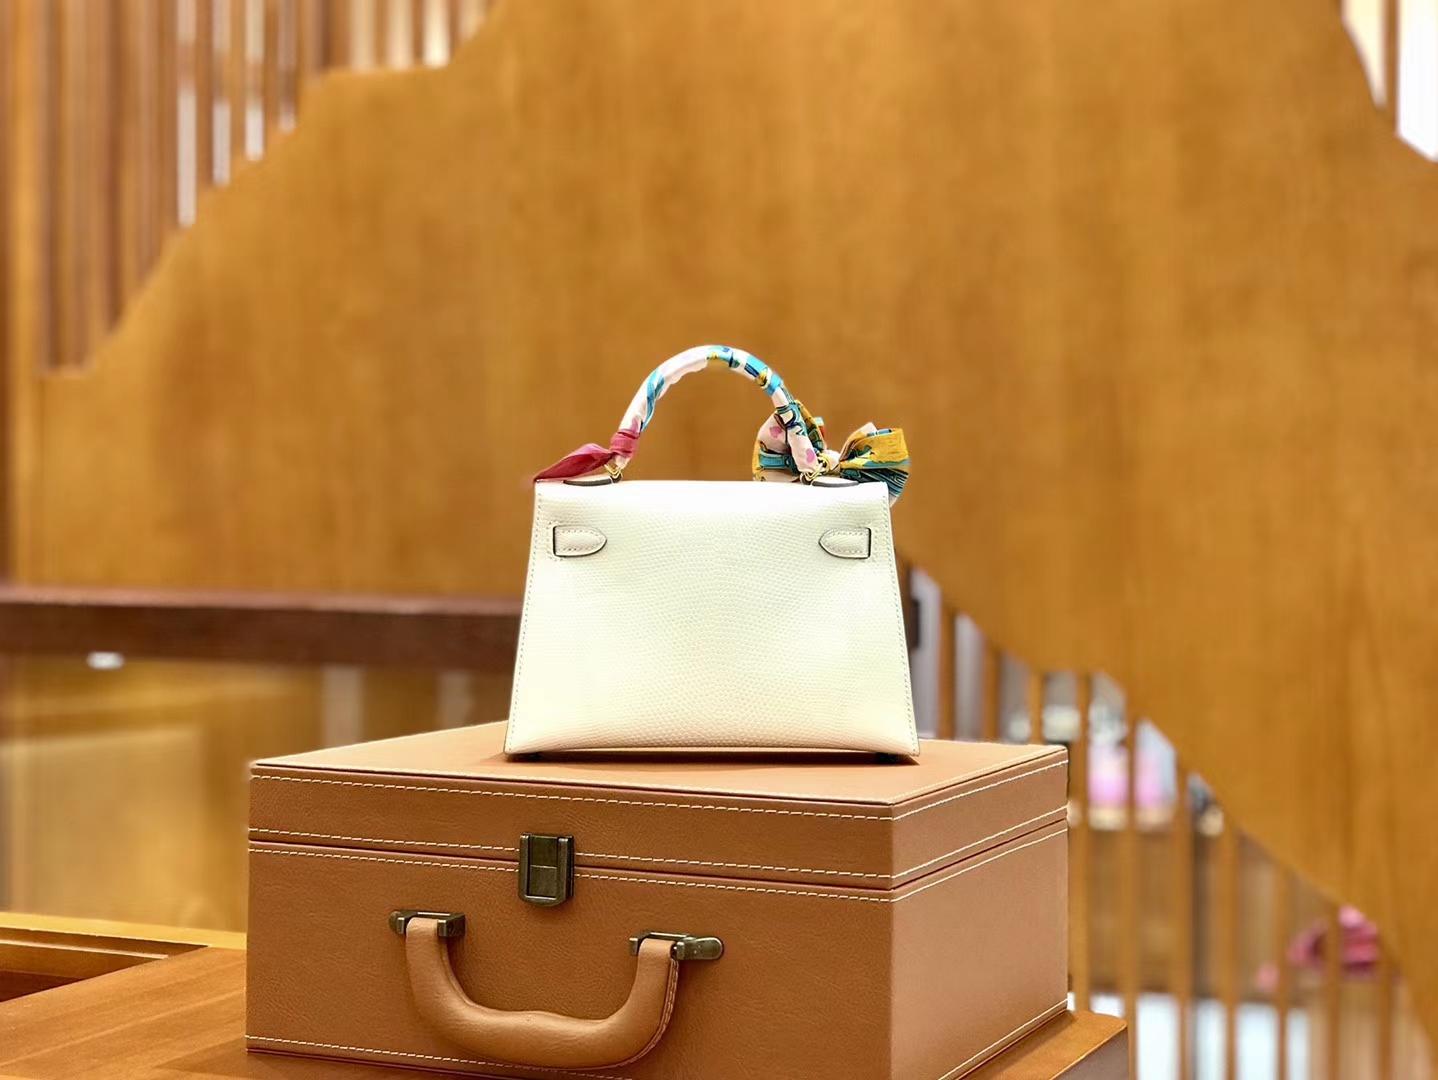 Hermès(爱马仕)新增现货 2代 19cm 蜥蜴皮 奶昔白 金扣 全手工缝制